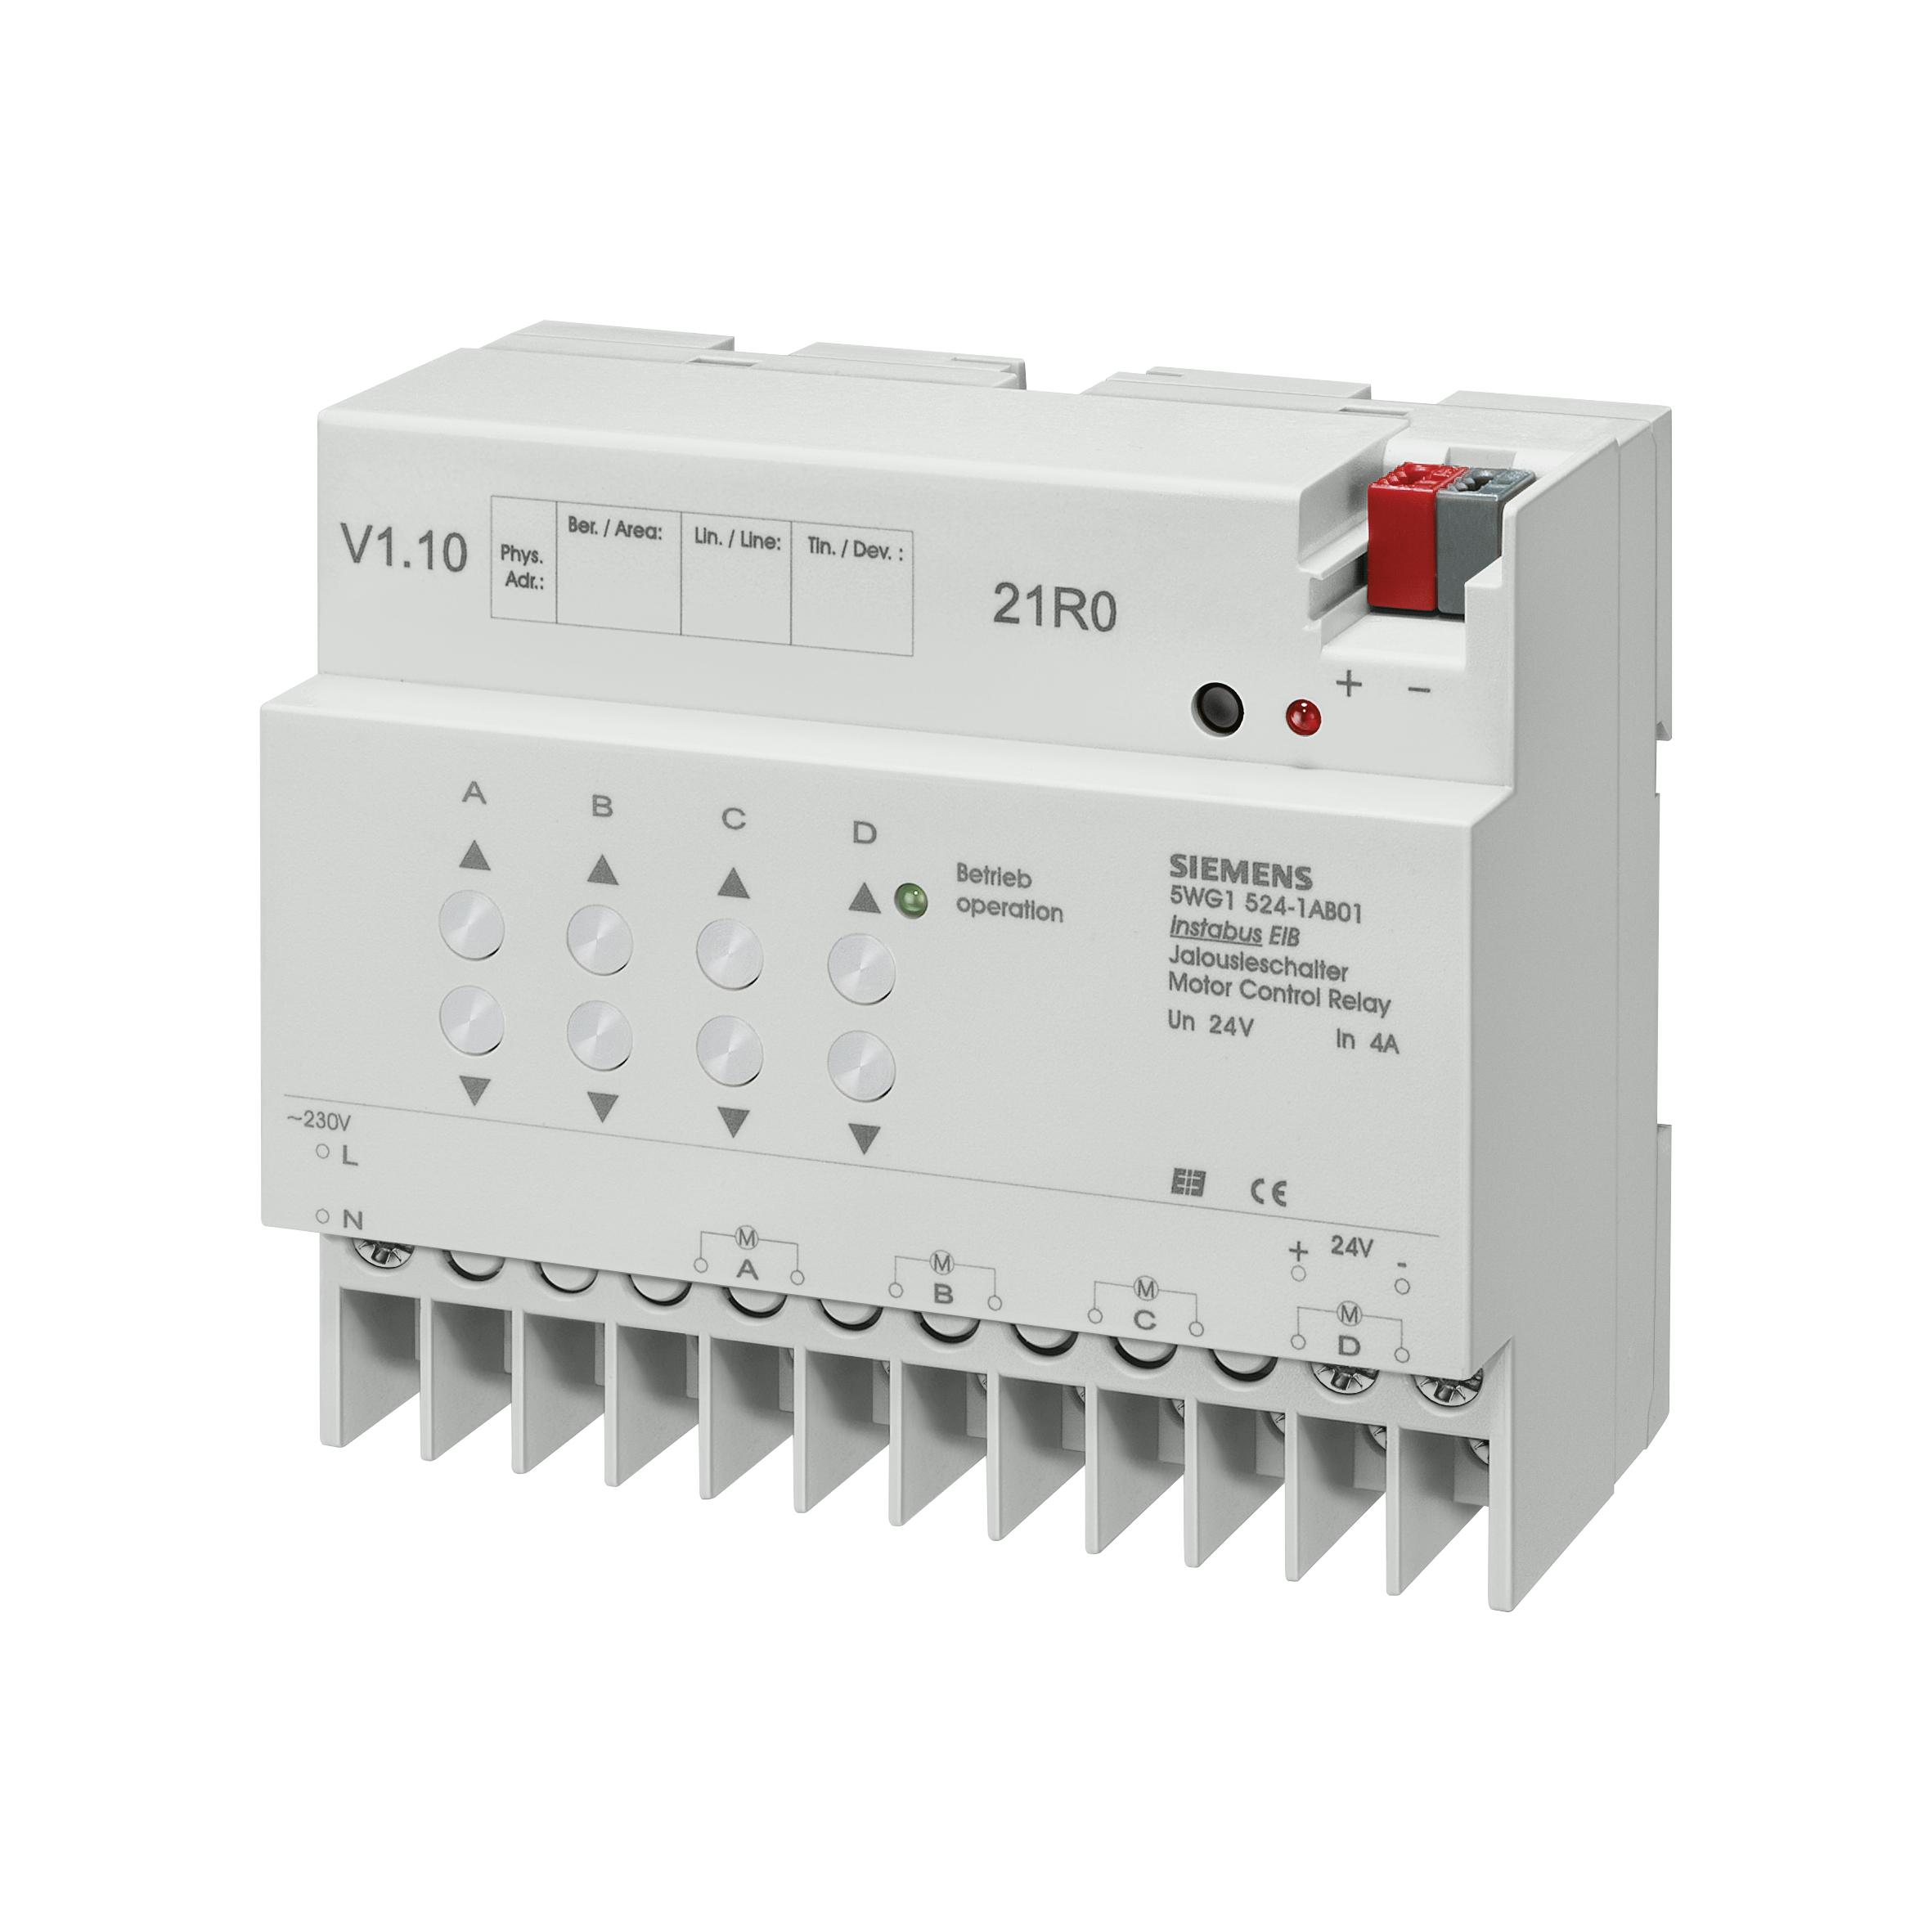 1 Stk Jalousieaktor, 4 x DC 6...24 V, 1 A KX5241AB01